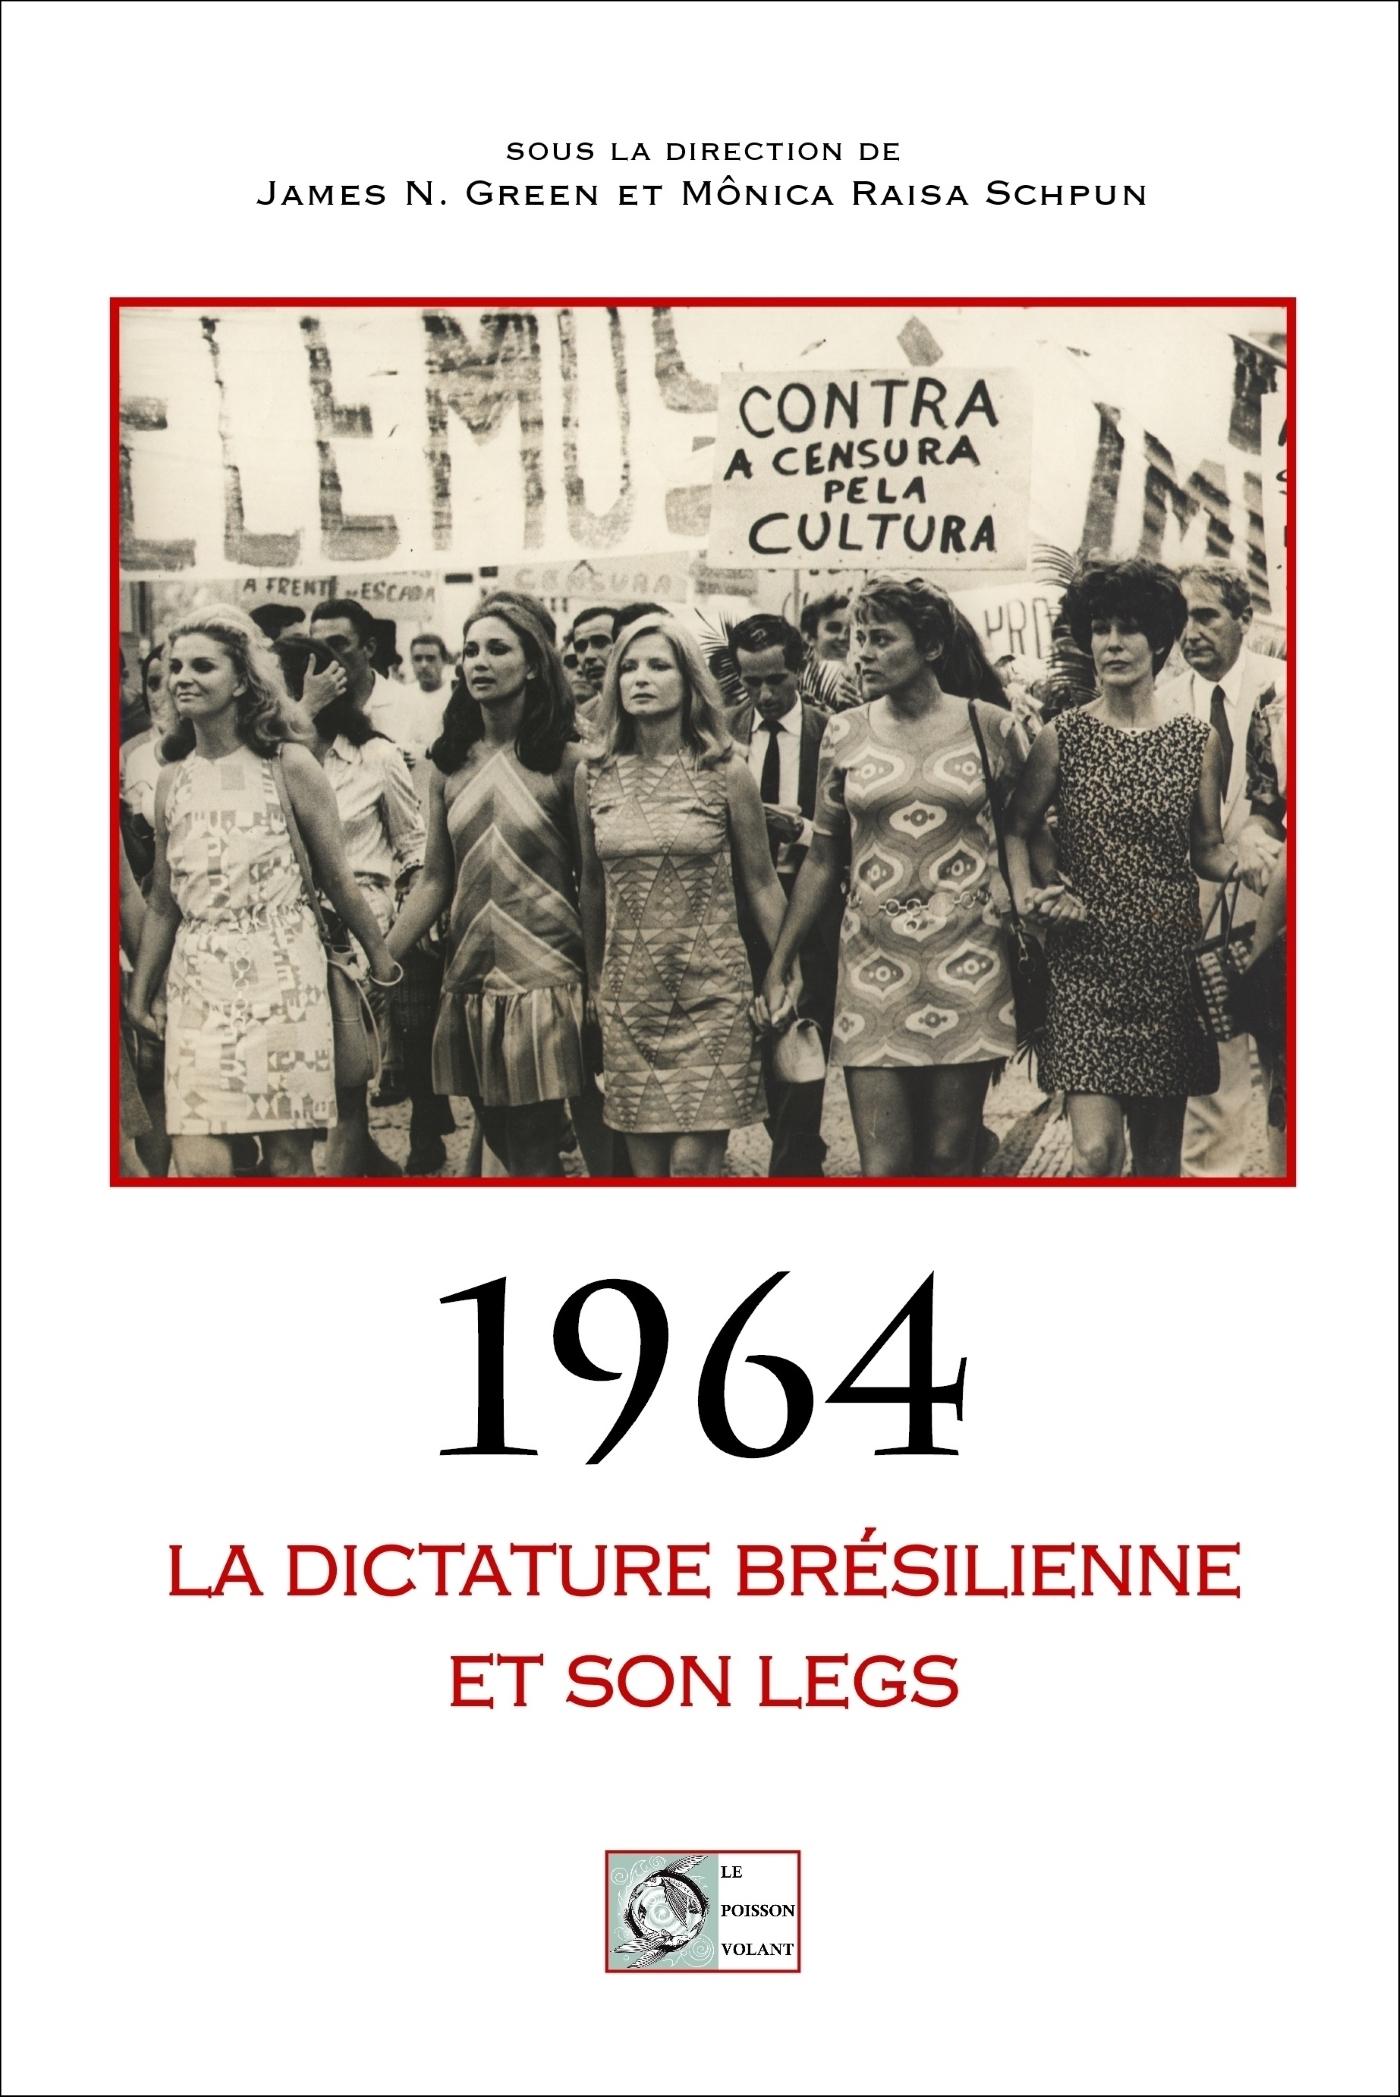 1964 : LA DICTATURE BRESILIENNE ET SON LEGS